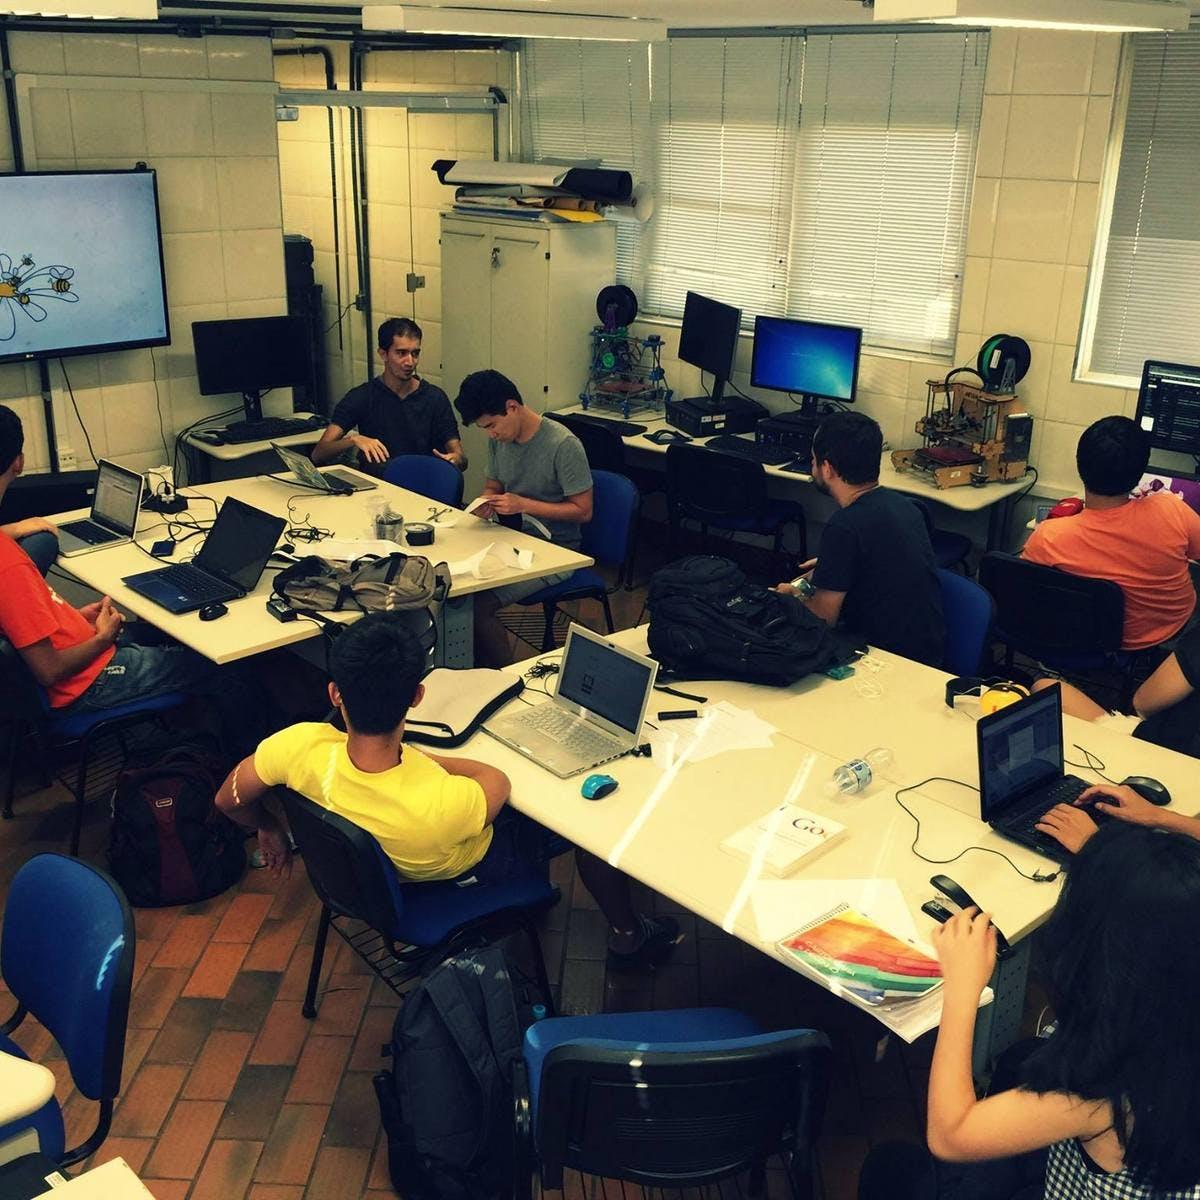 Criação de Startups: Como desenvolver negócios inovadores